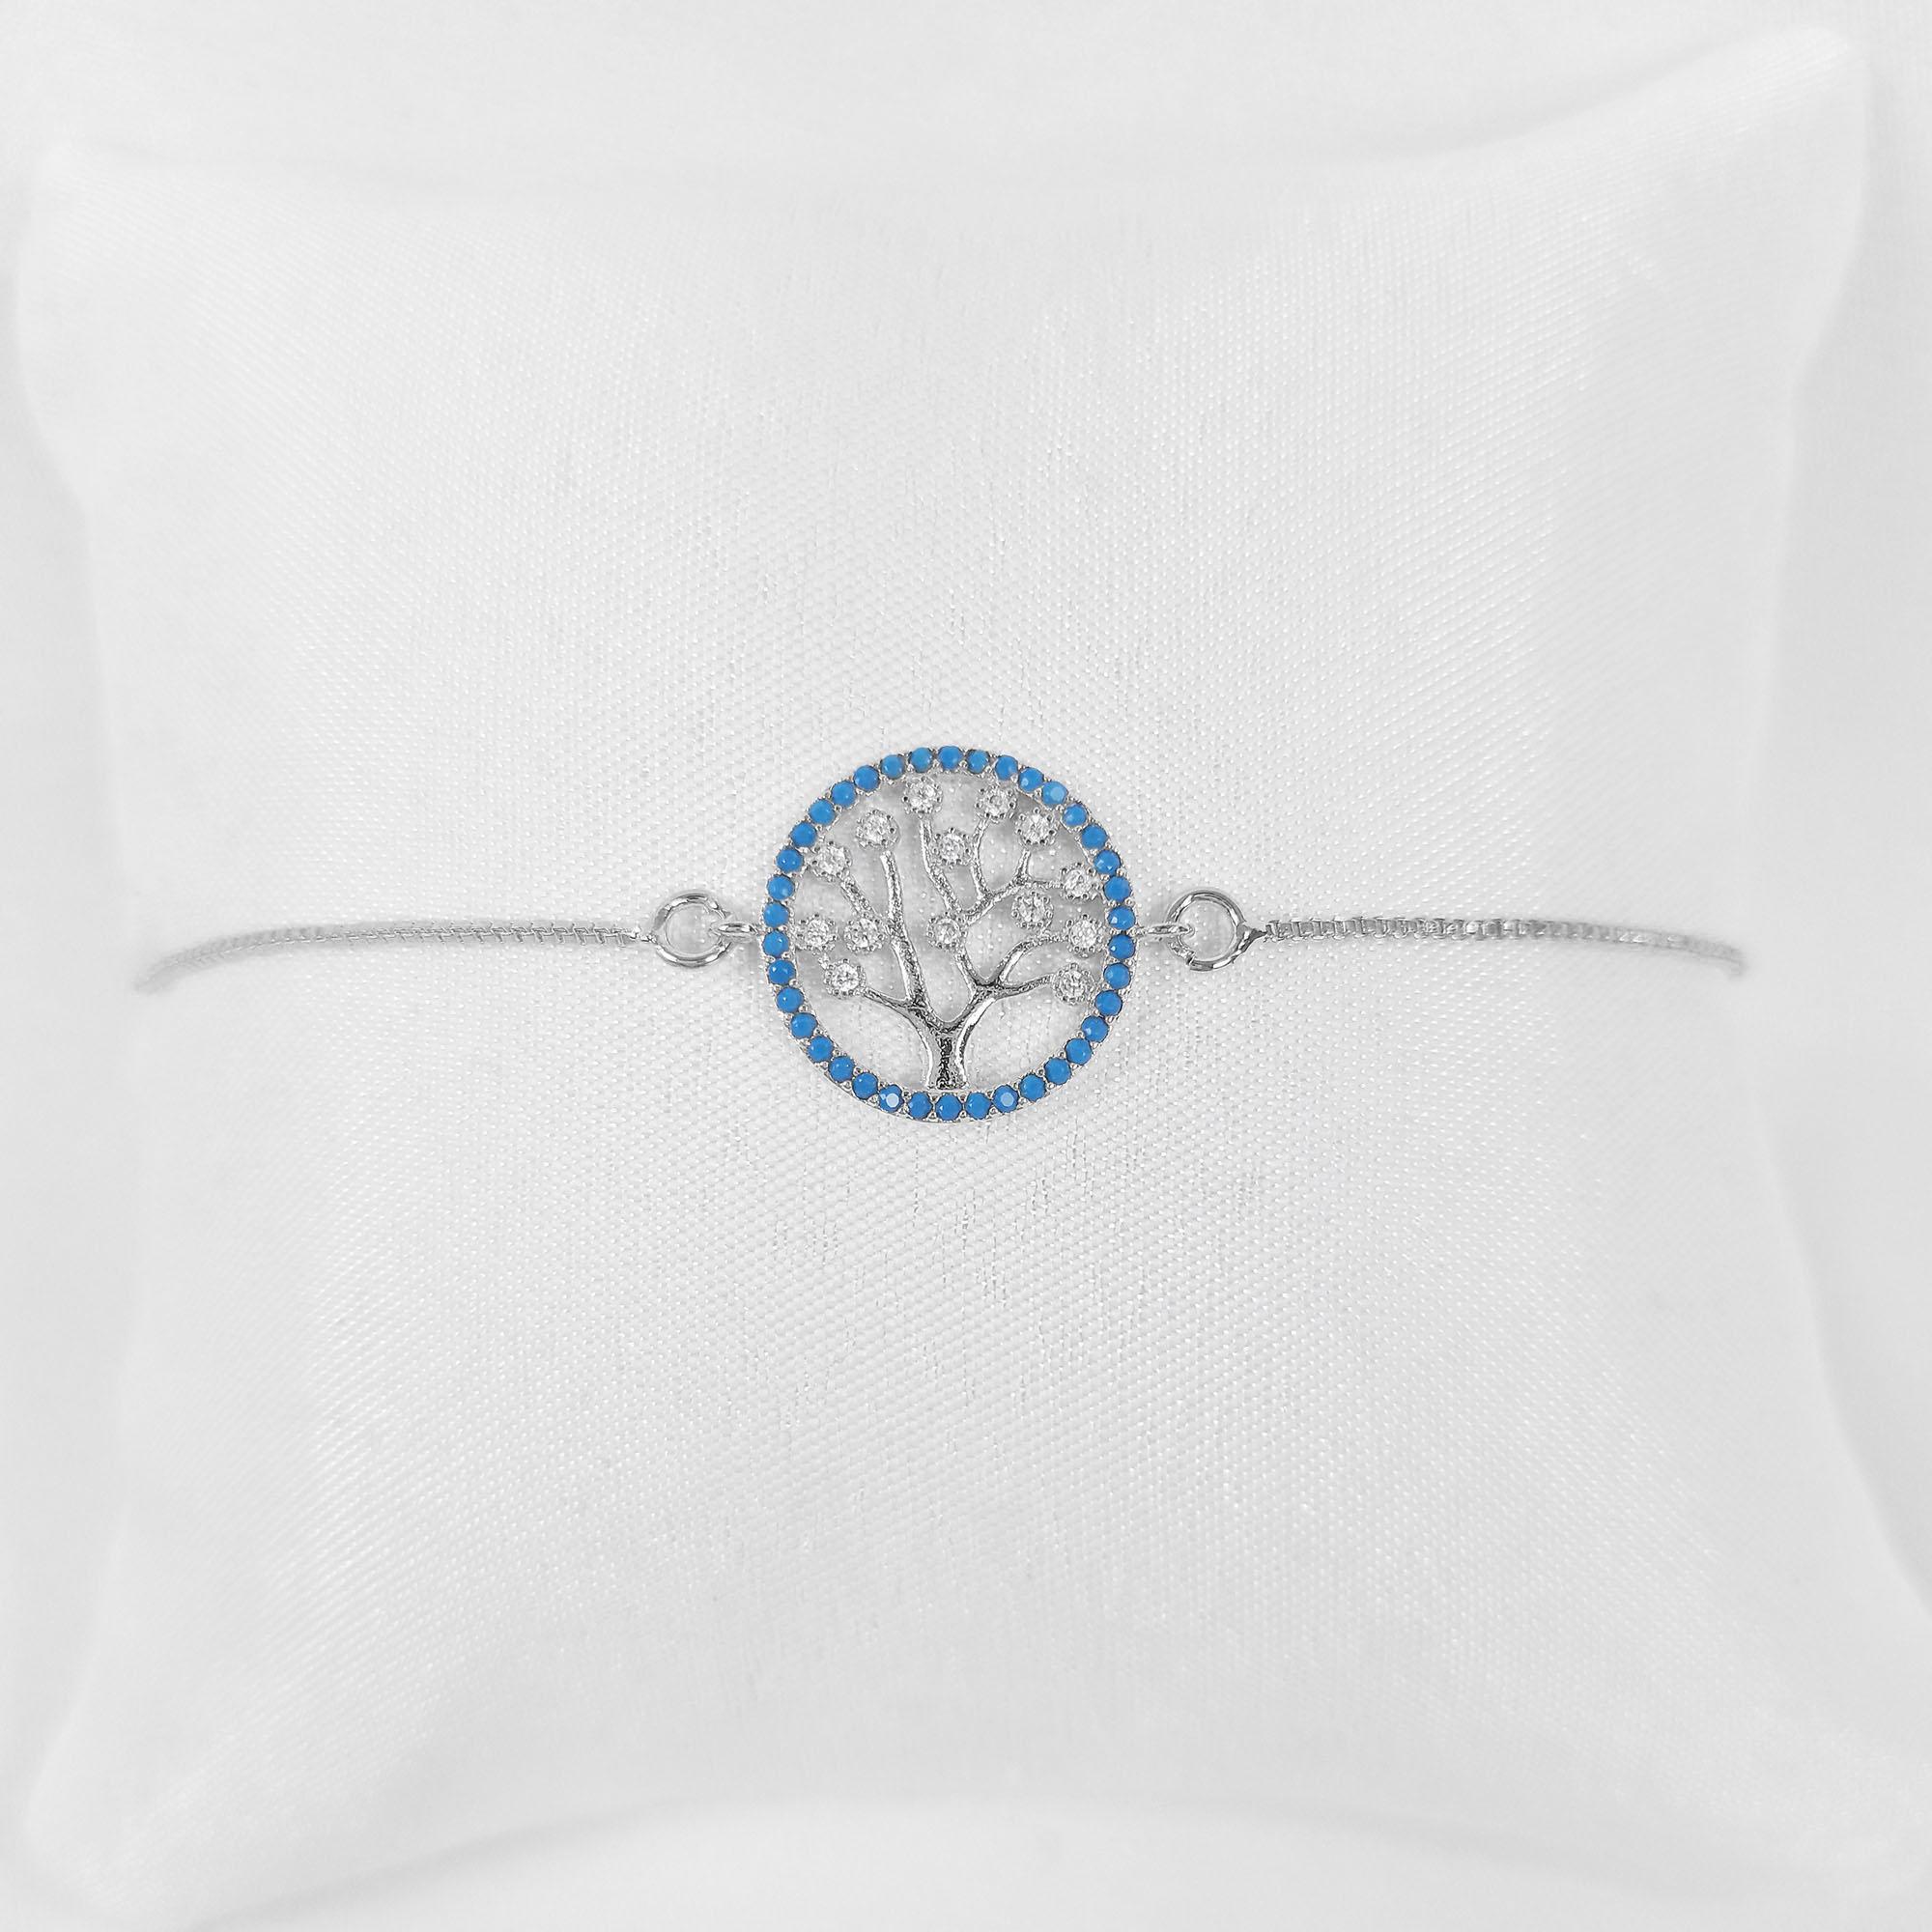 Pulseira Árvore da Vida Azul Zircônia Folheado a Prata 1000  - Lunozê Joias